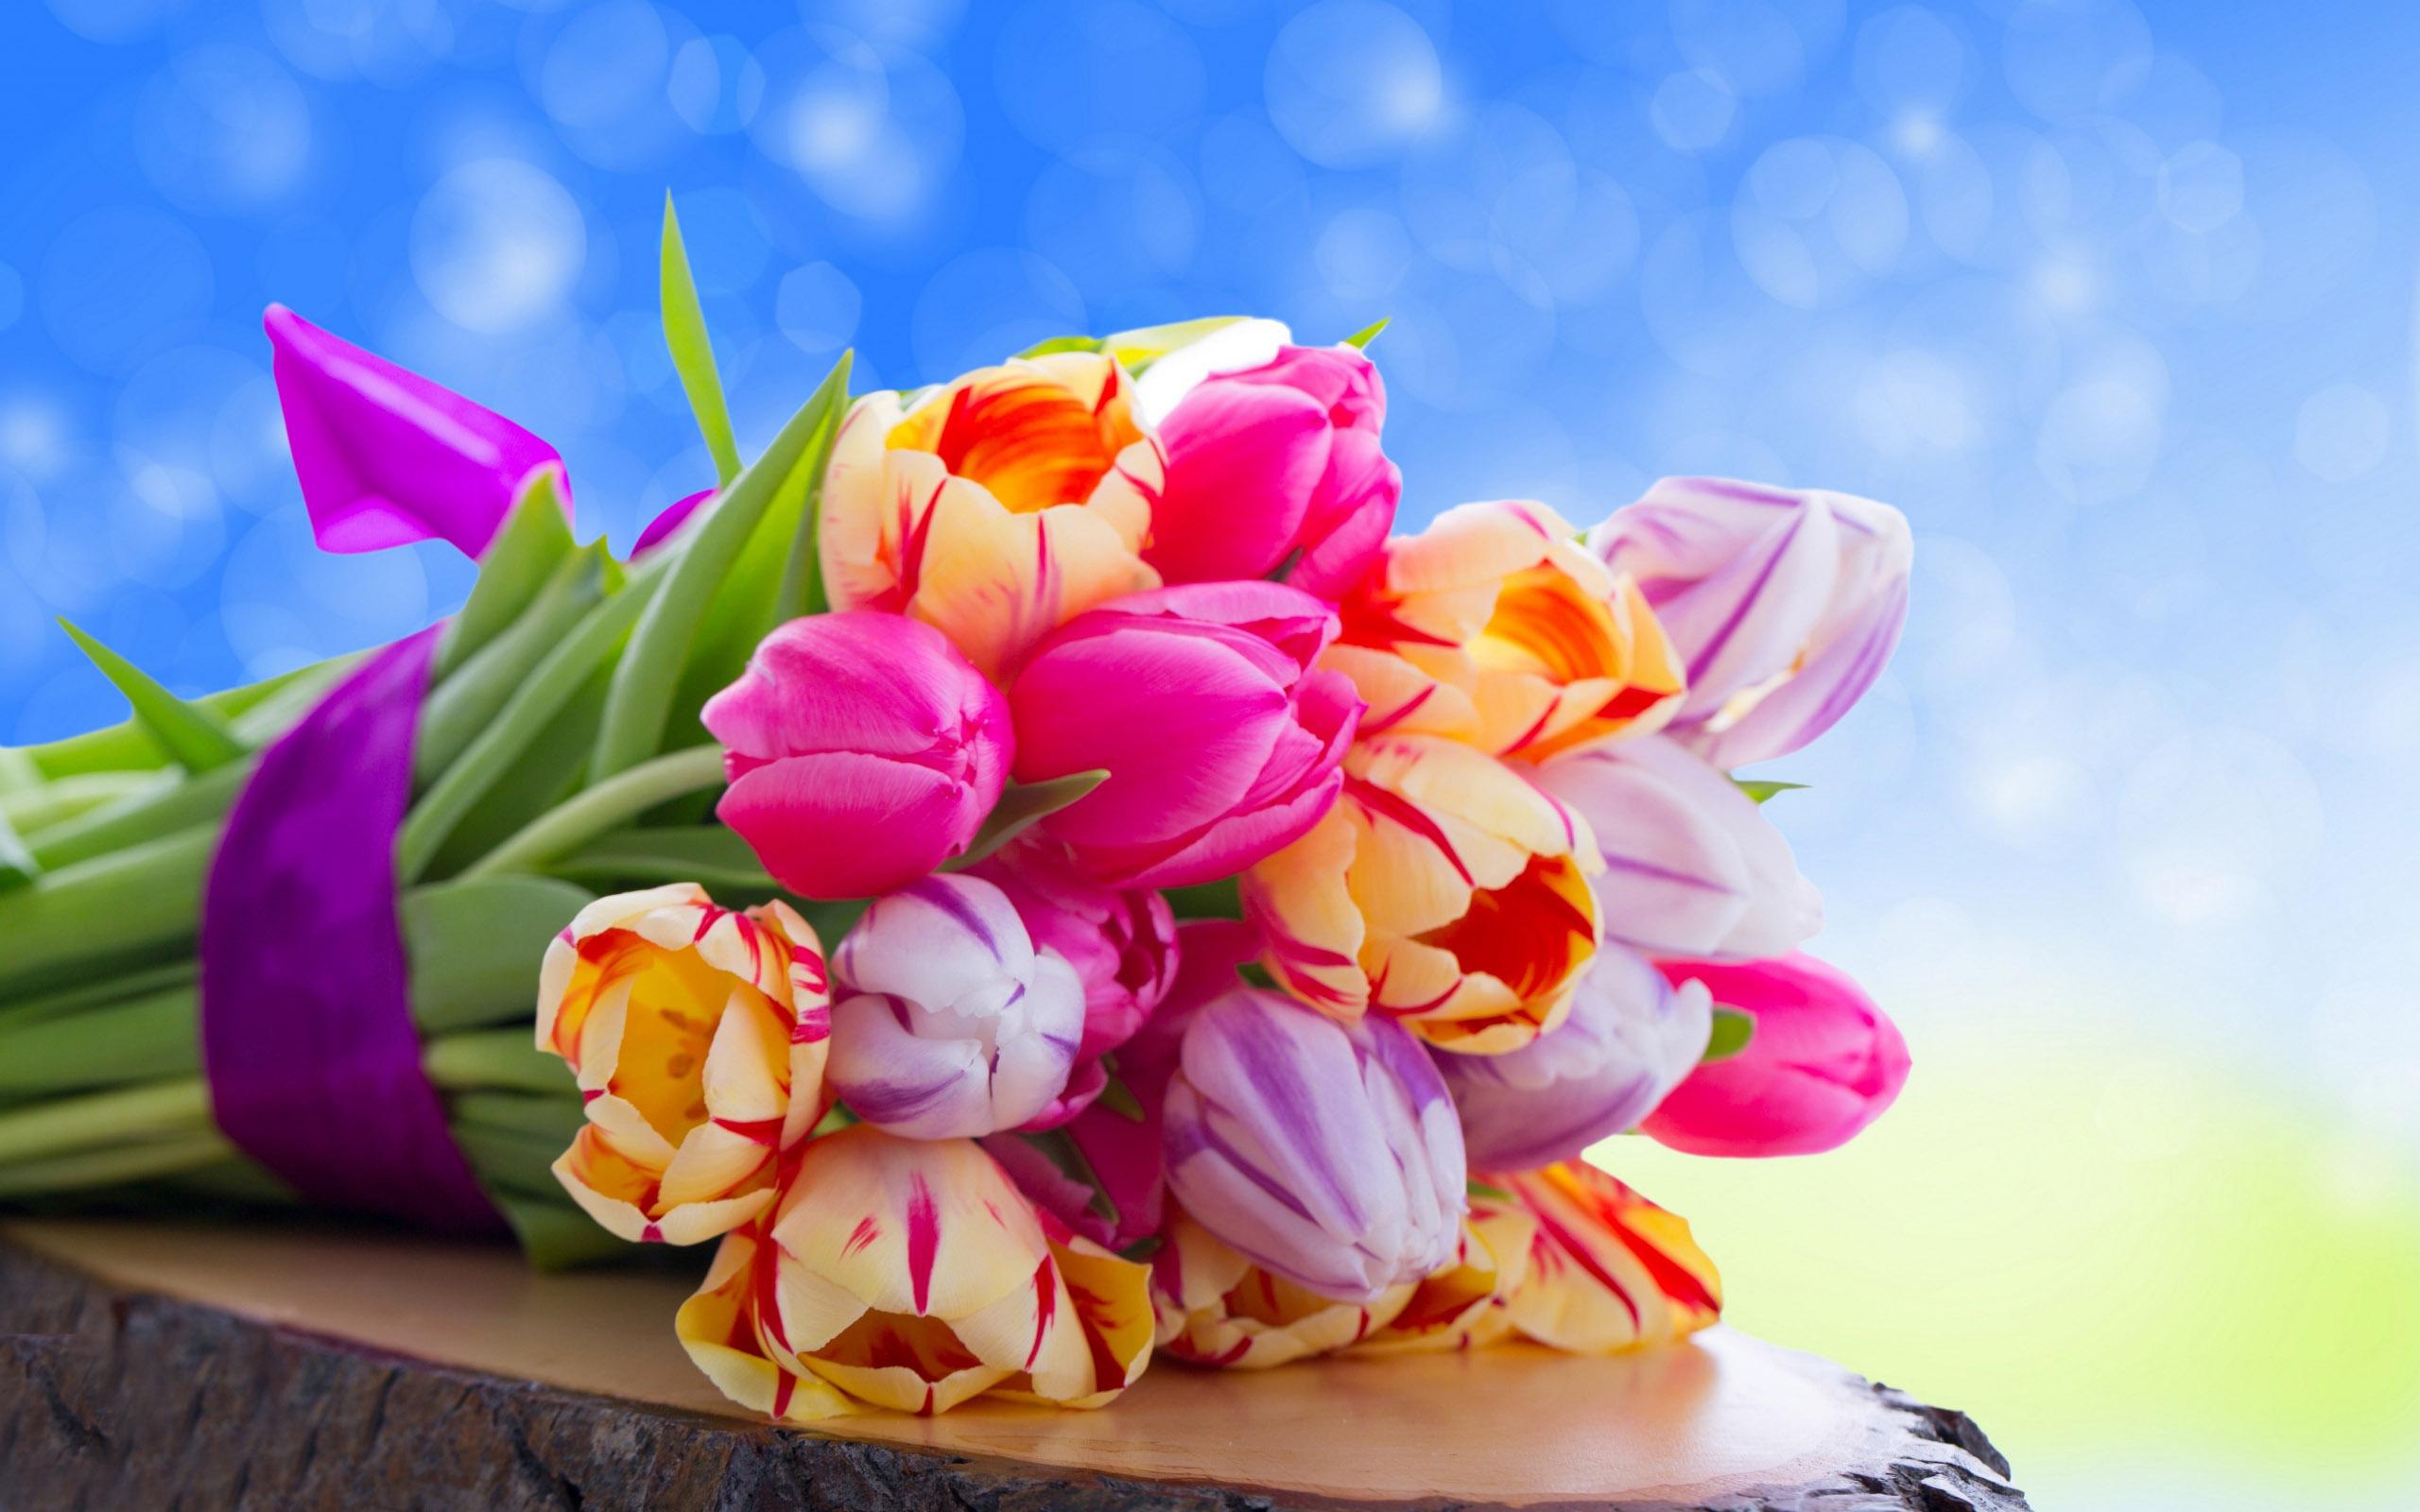 фото красивых цветов букетов высокого качества